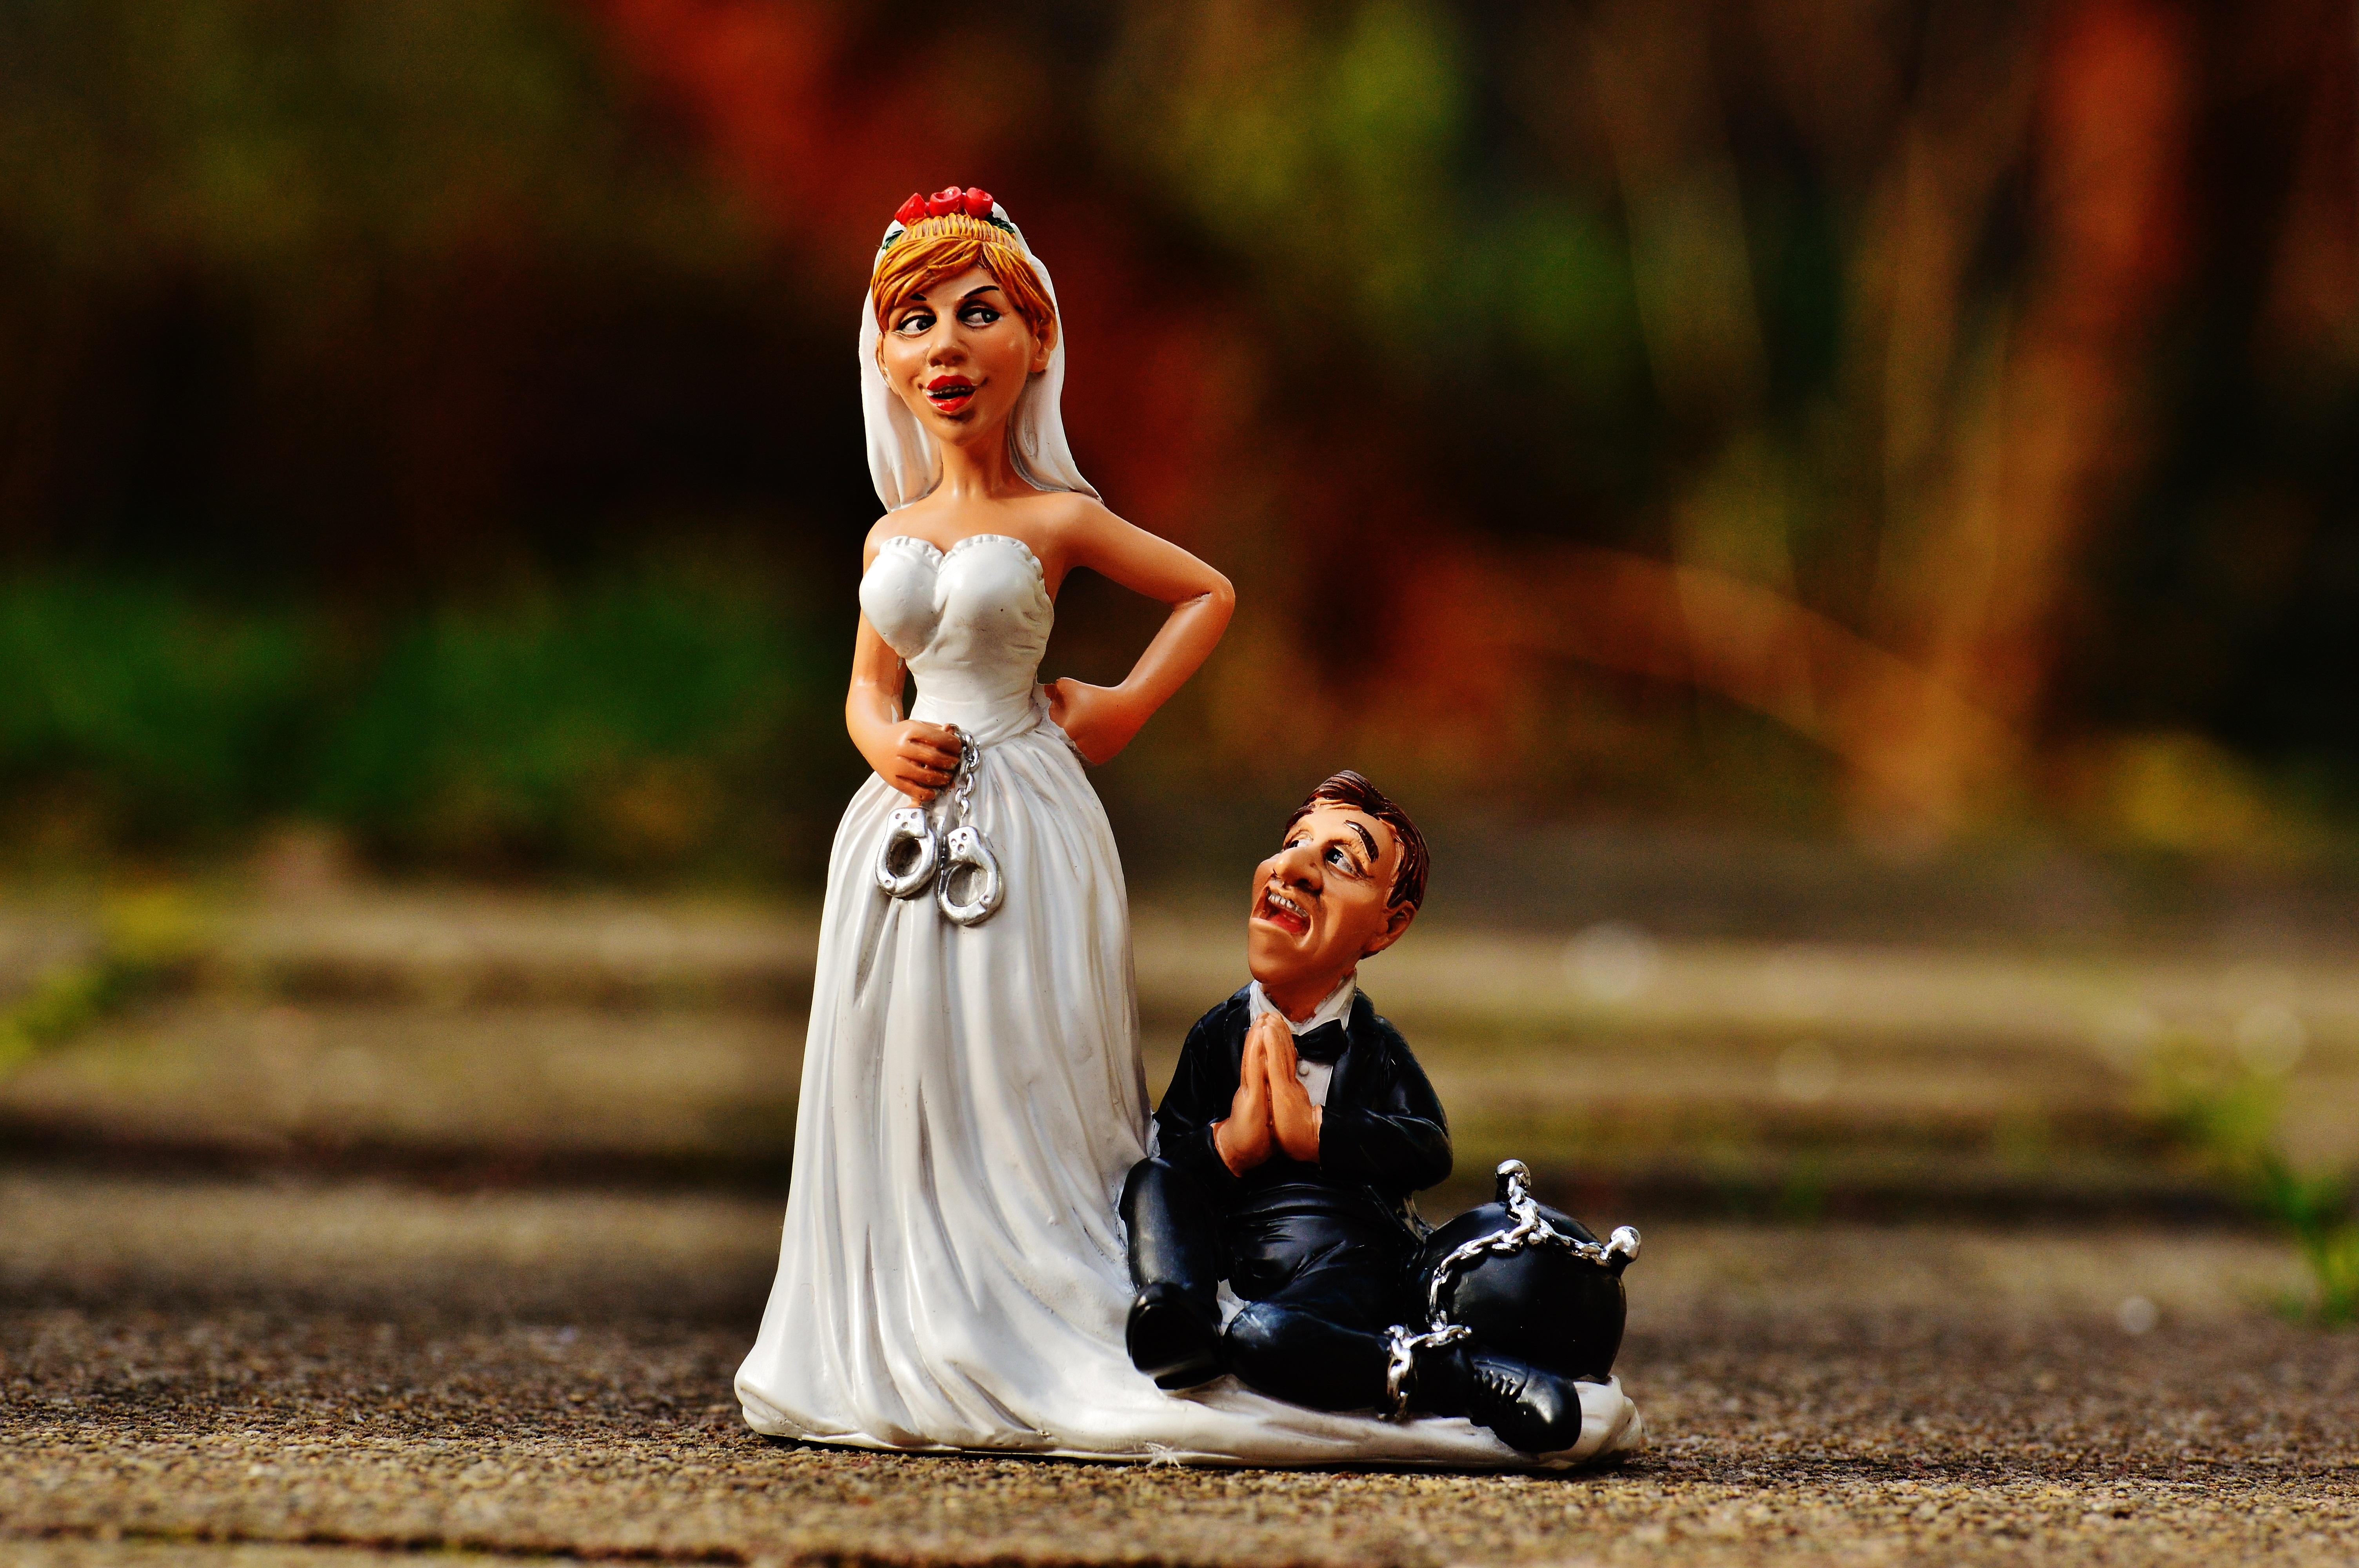 все фото с днем свадьбы прикольные сообщили